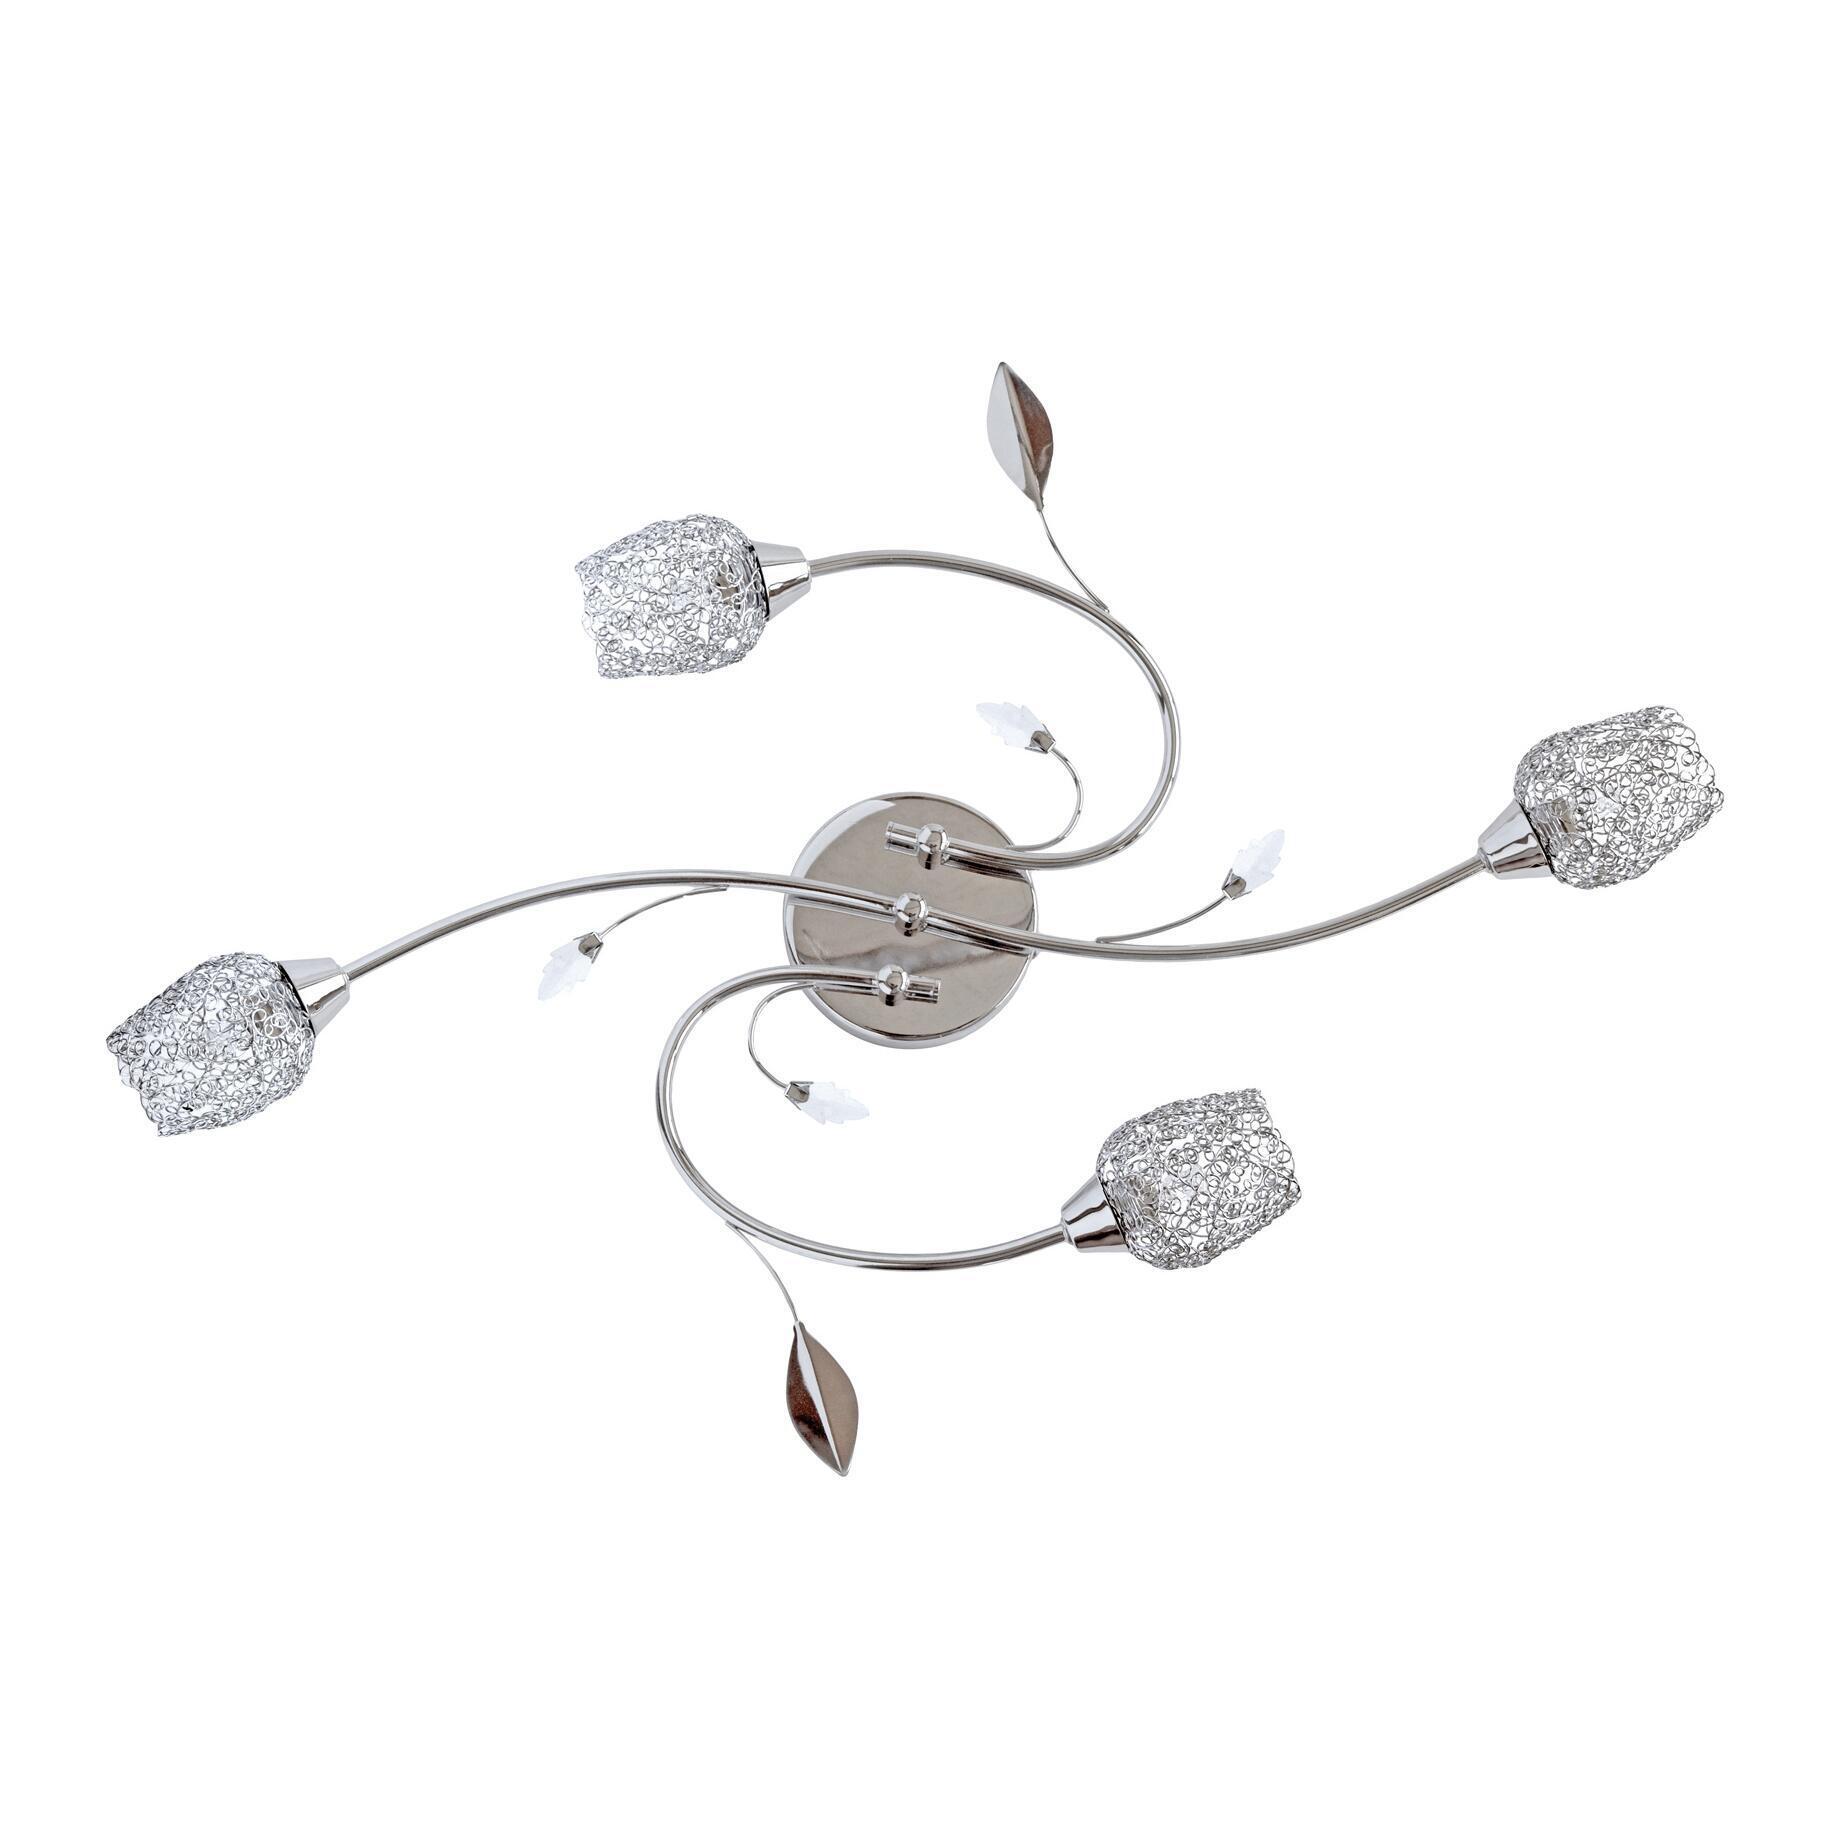 Plafoniera barocco Adriana cromato lucido, in metallo, 59 cm, 4  luci SEYNAVE